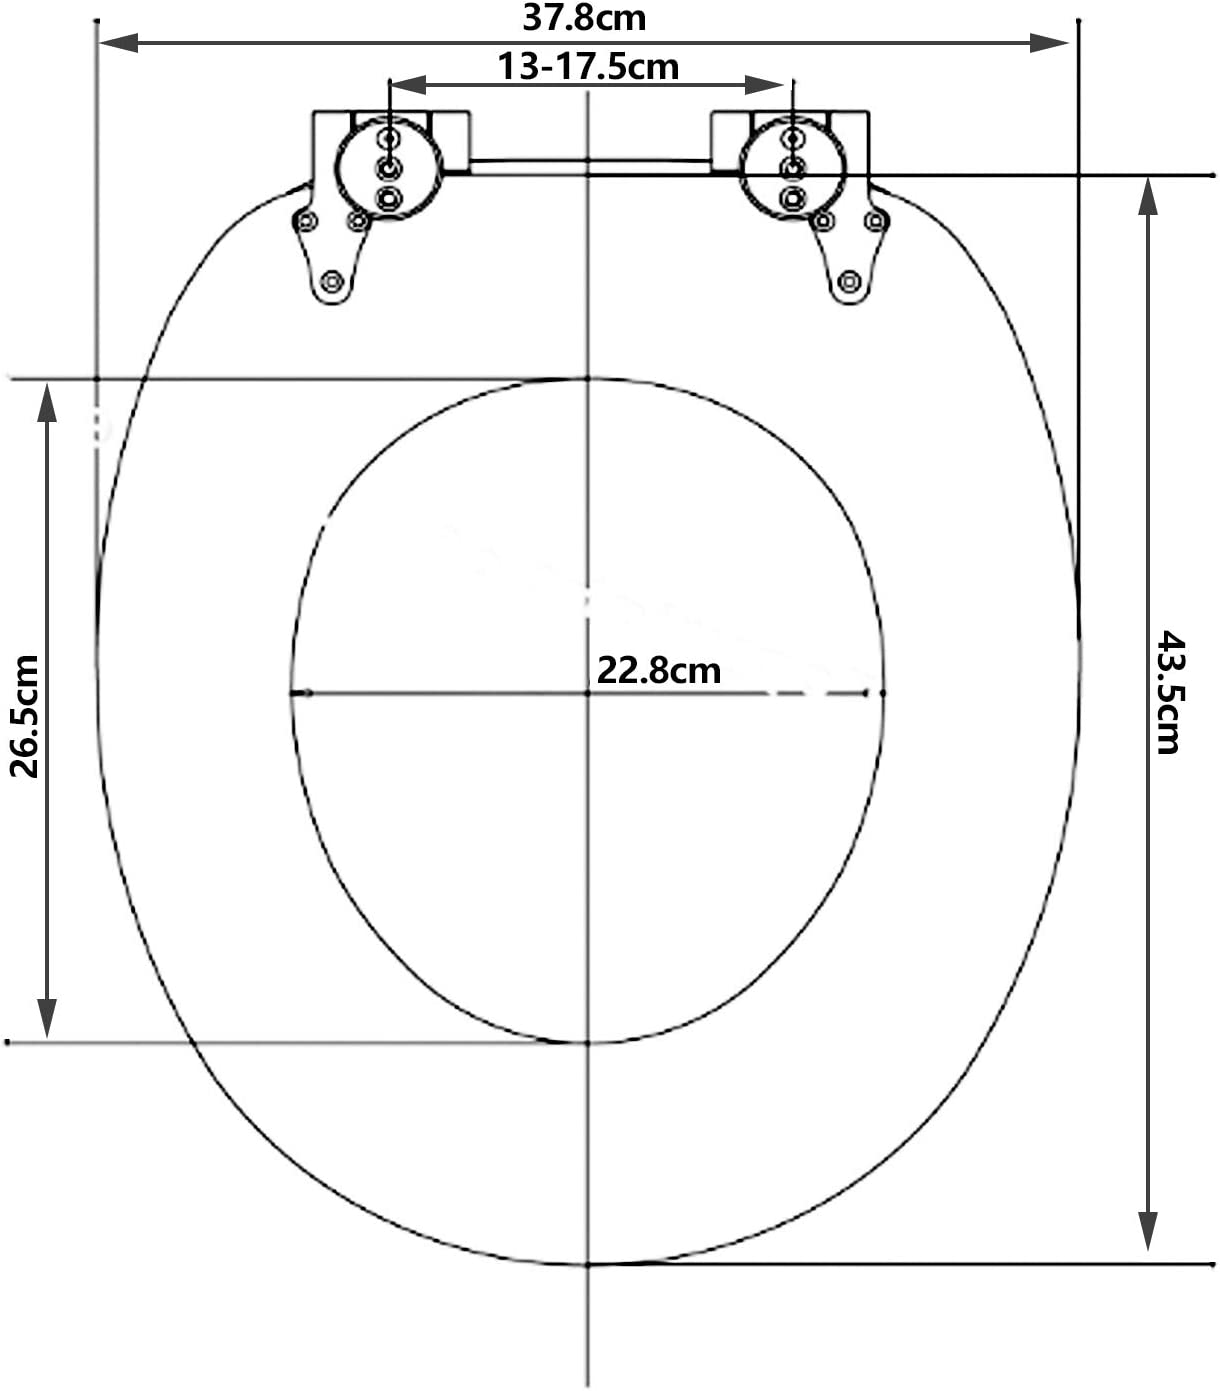 wolketon WC Sitz mit Absenkautomatik Toilettendeckel Klodeckel MDF Holz Toilettensitz Familie Oval Klodeckel Antibakterielle WC Deckel Absenkautomatik Motiv Klobrille